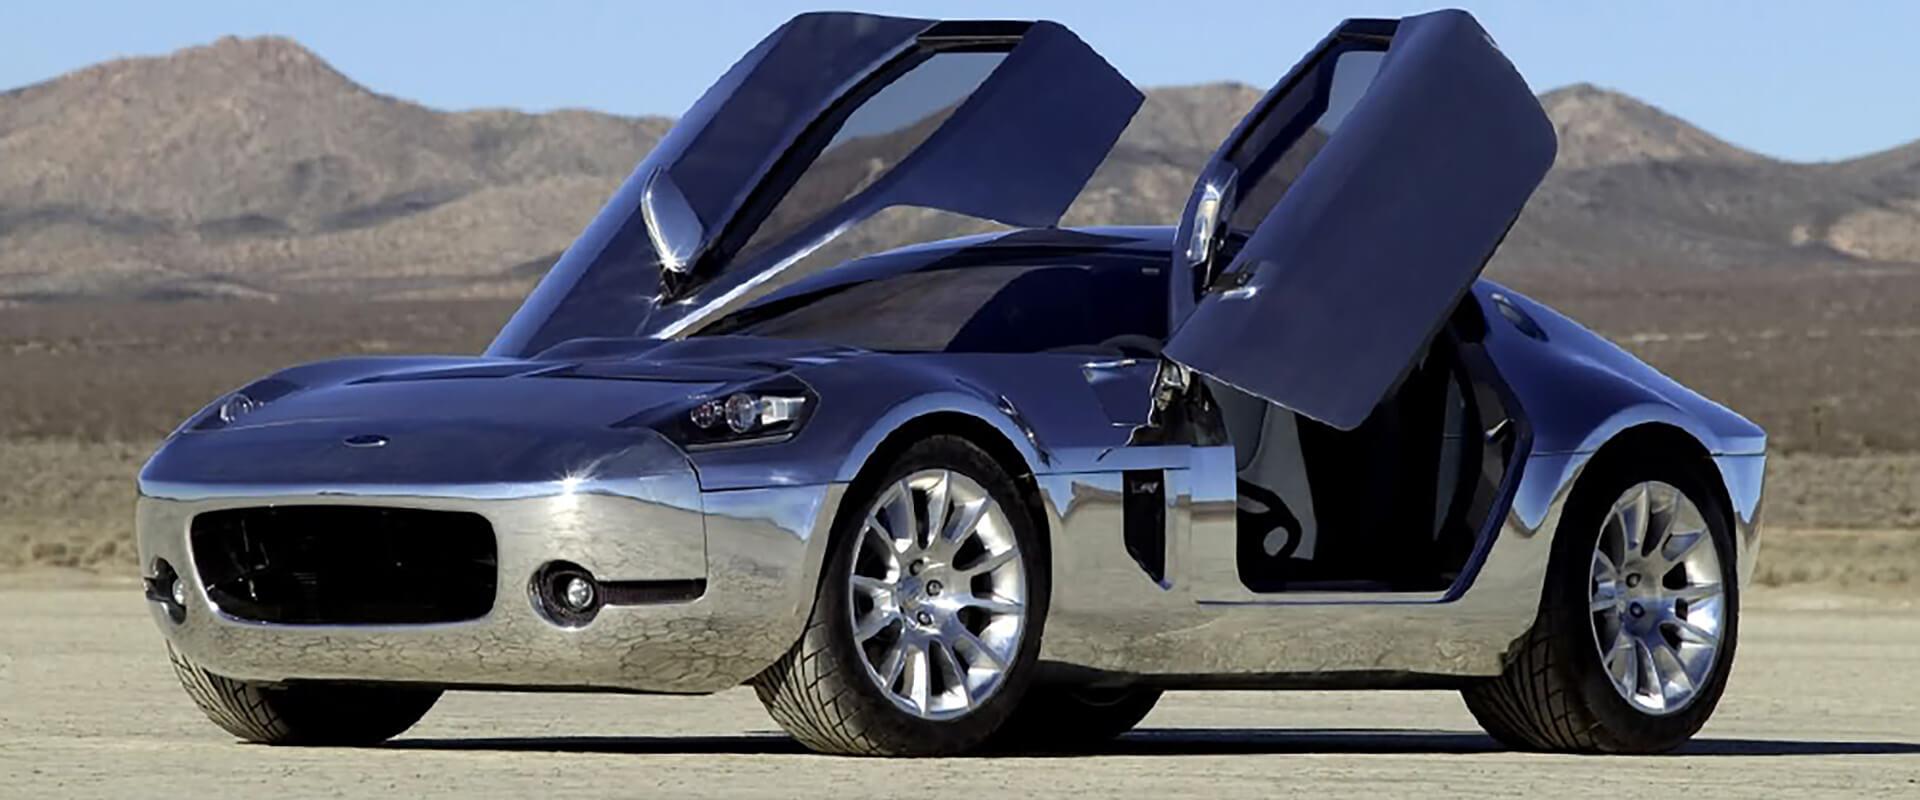 2 carros-conceito que não ganharam as ruas